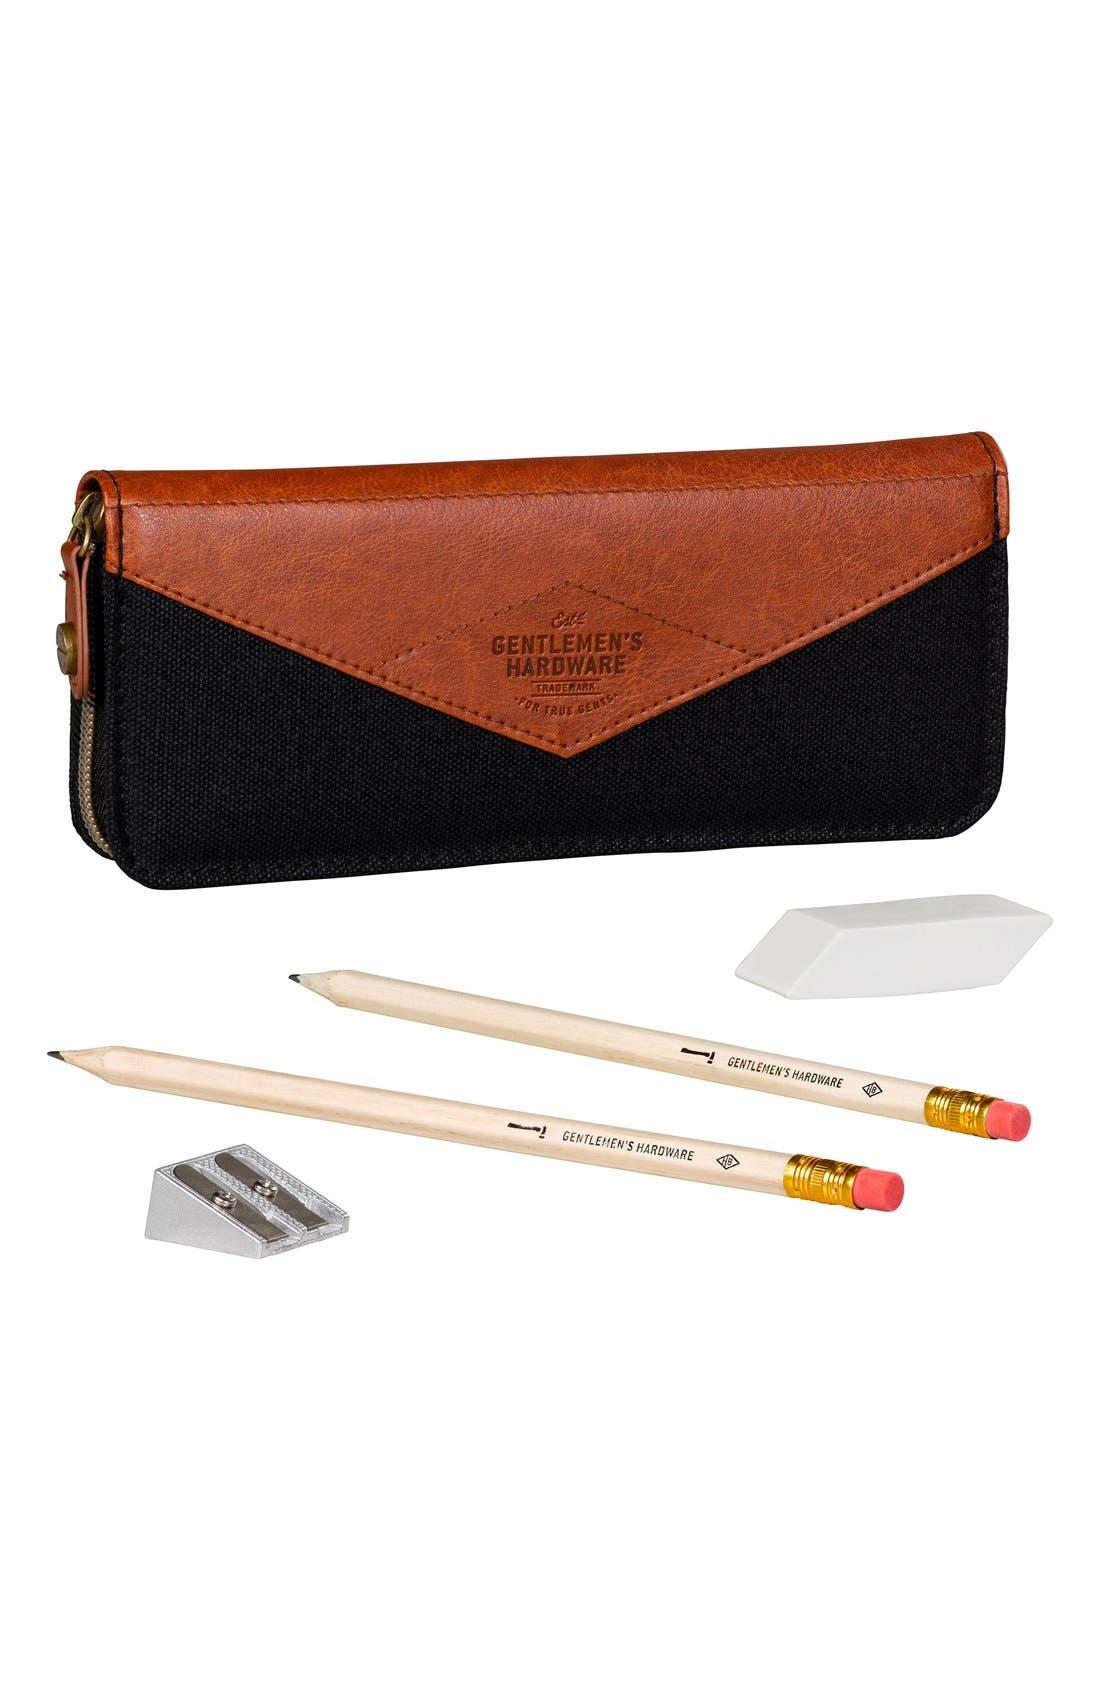 Wild and Wolf Gentlemen's Hardware Pencil Case, Pencils, Sharpener & Eraser